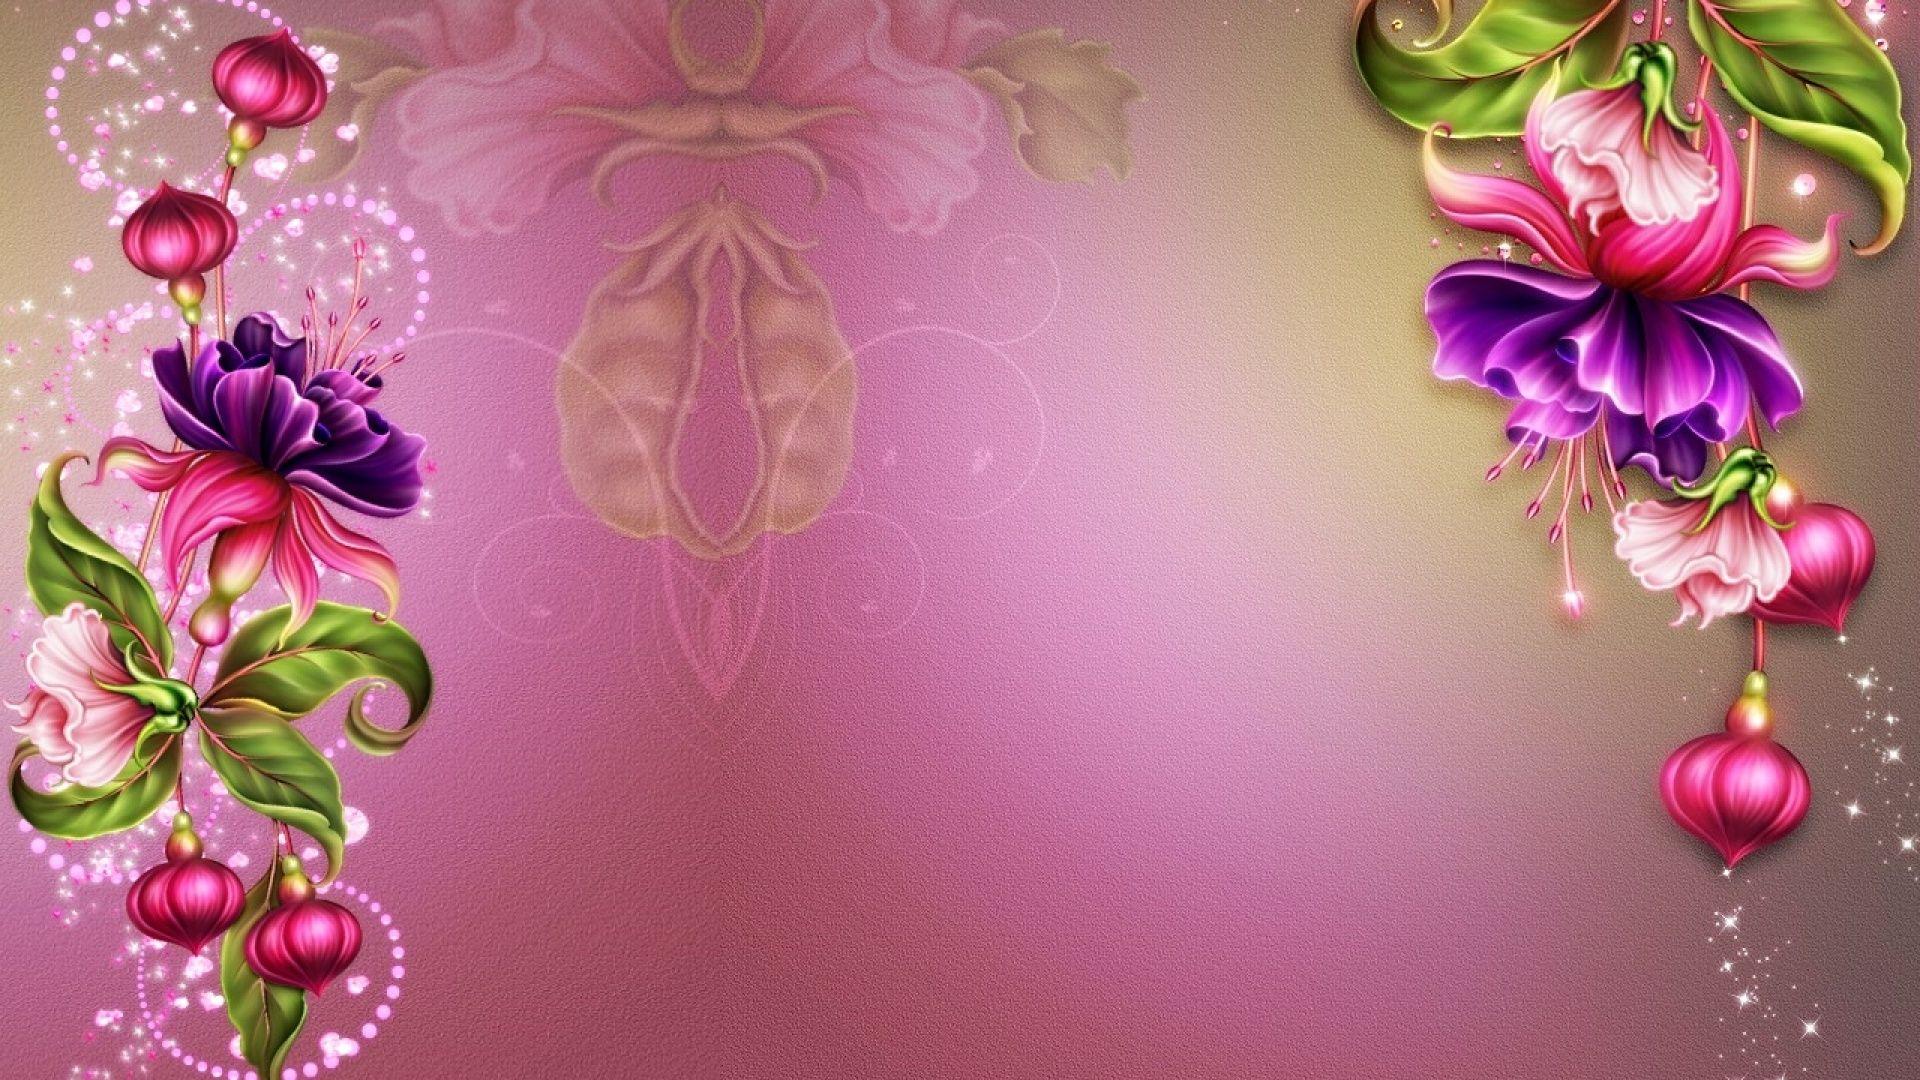 Fuschia pc wallpaper